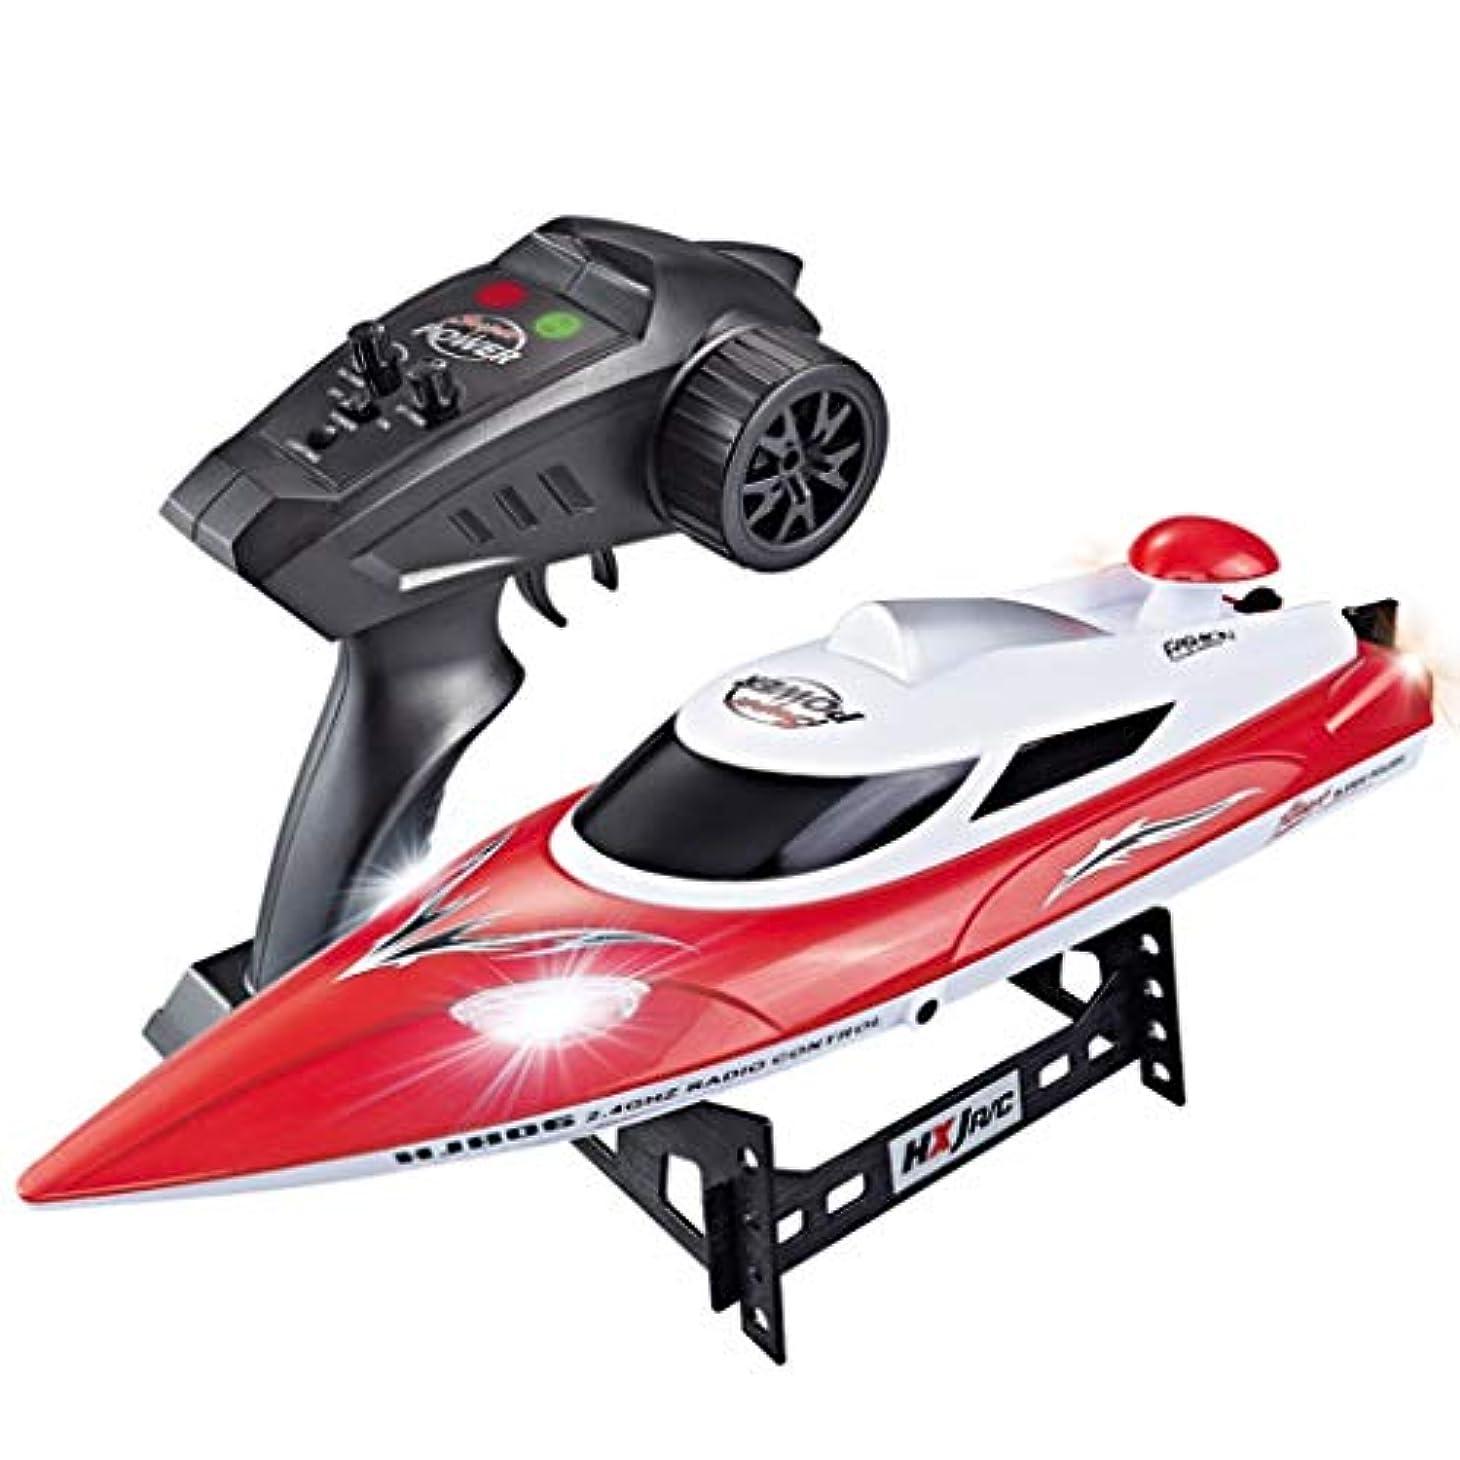 分析的レパートリー汚すHJ806B RCボート高速35km / h 200m制御距離高速船RCボートレース